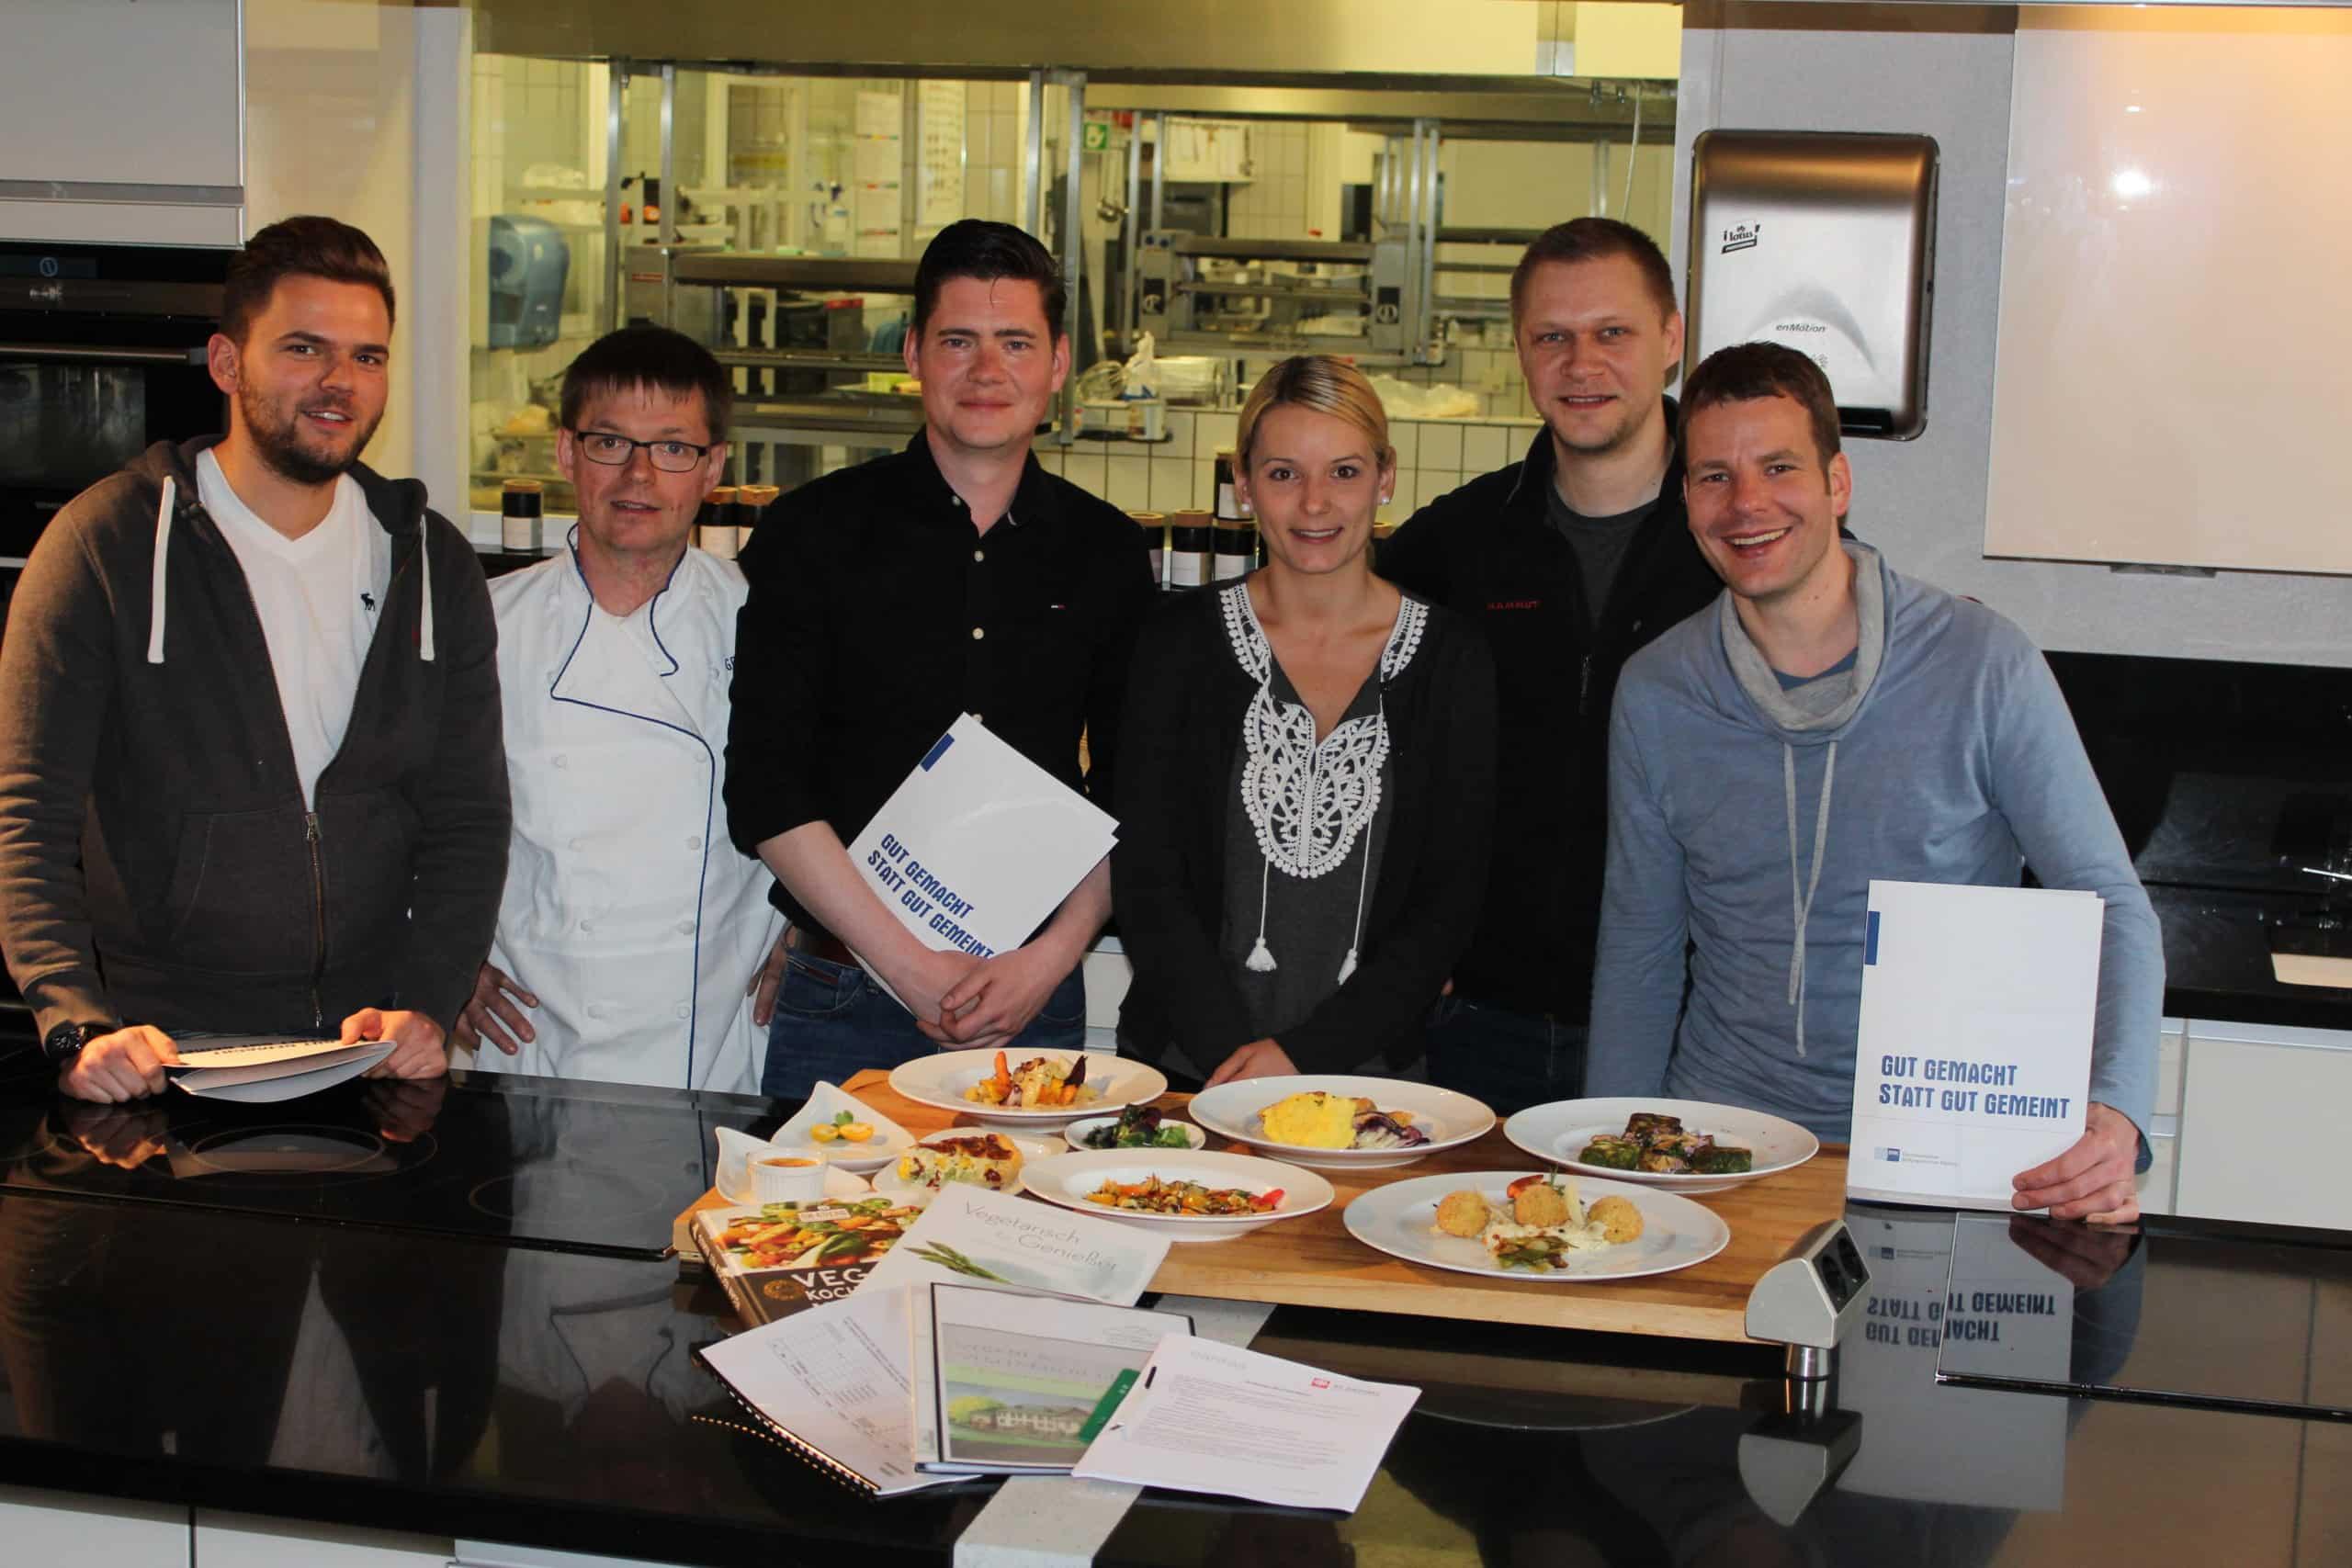 Lehrgang zumExperten für Vegetarische-Vegane-Küche (IHK)